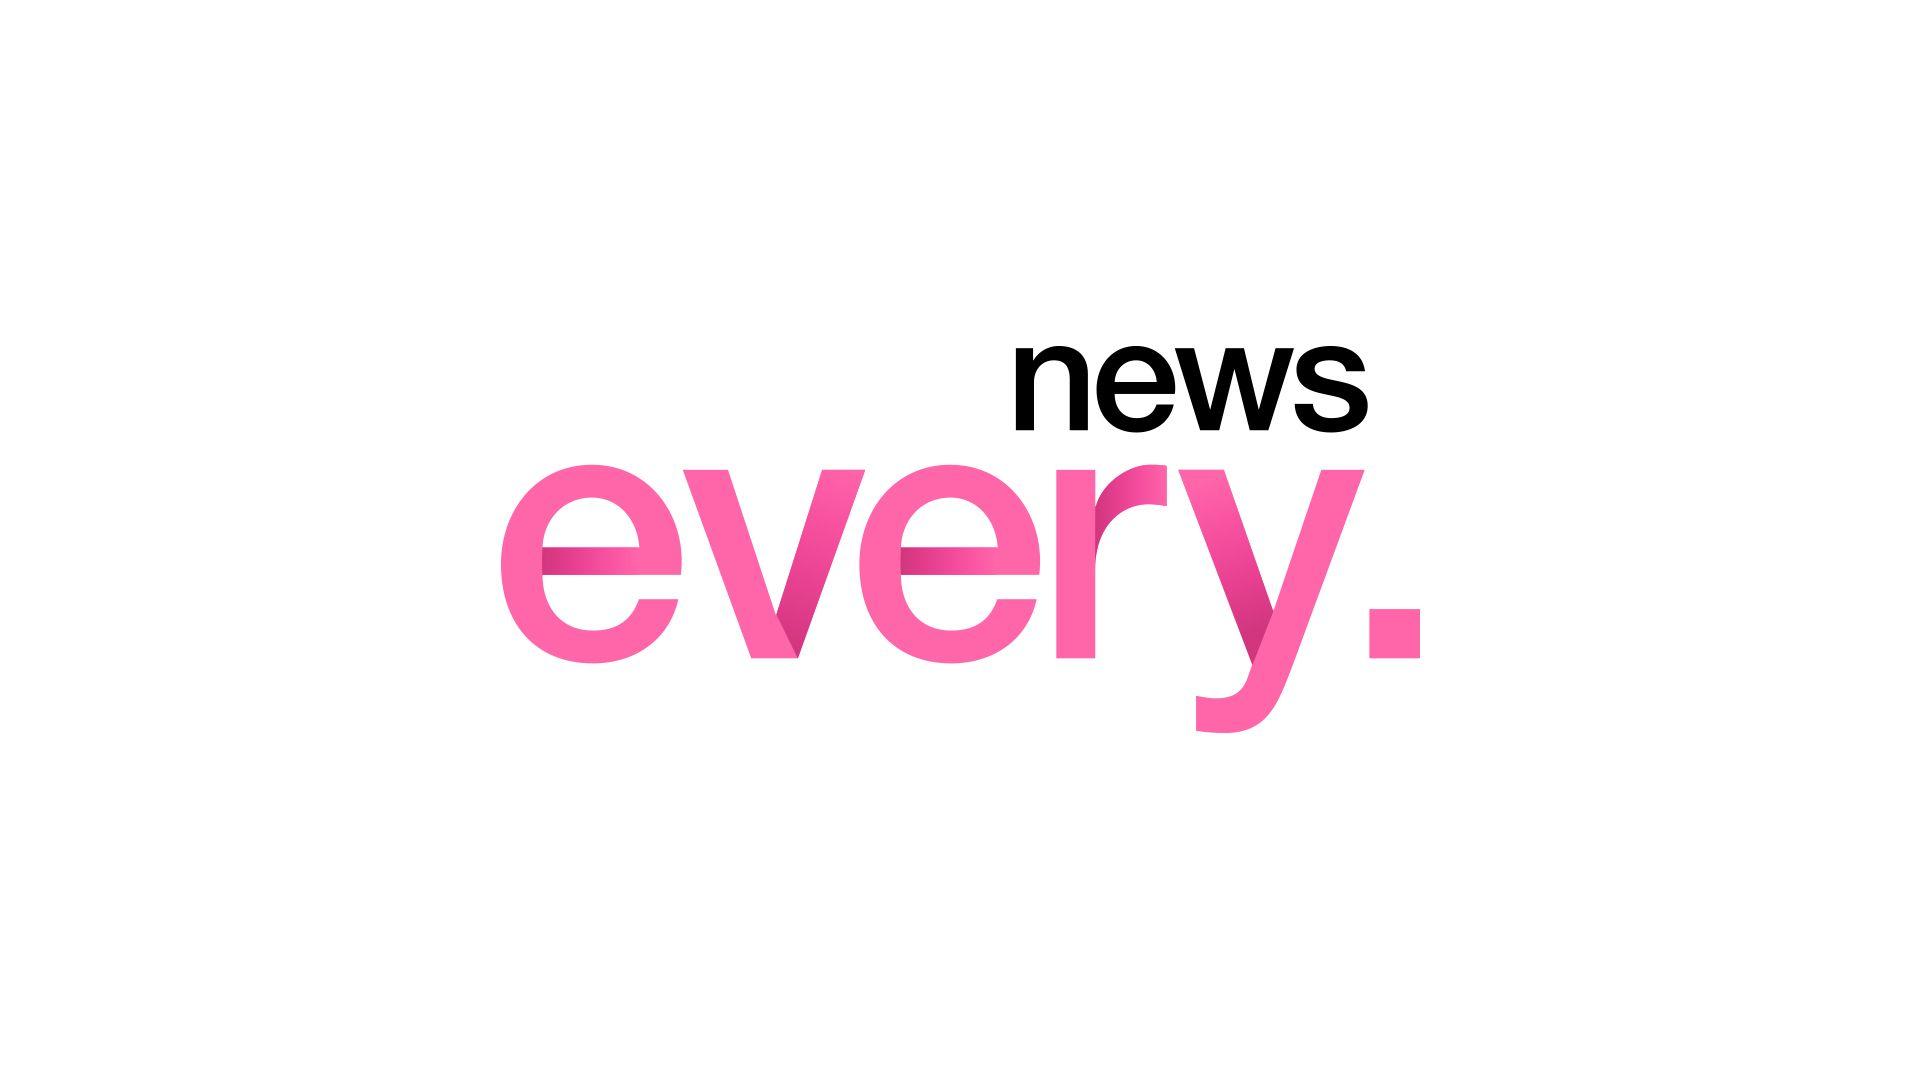 【全学年】武田塾長崎校が明日のニュースで取り上げられます✨